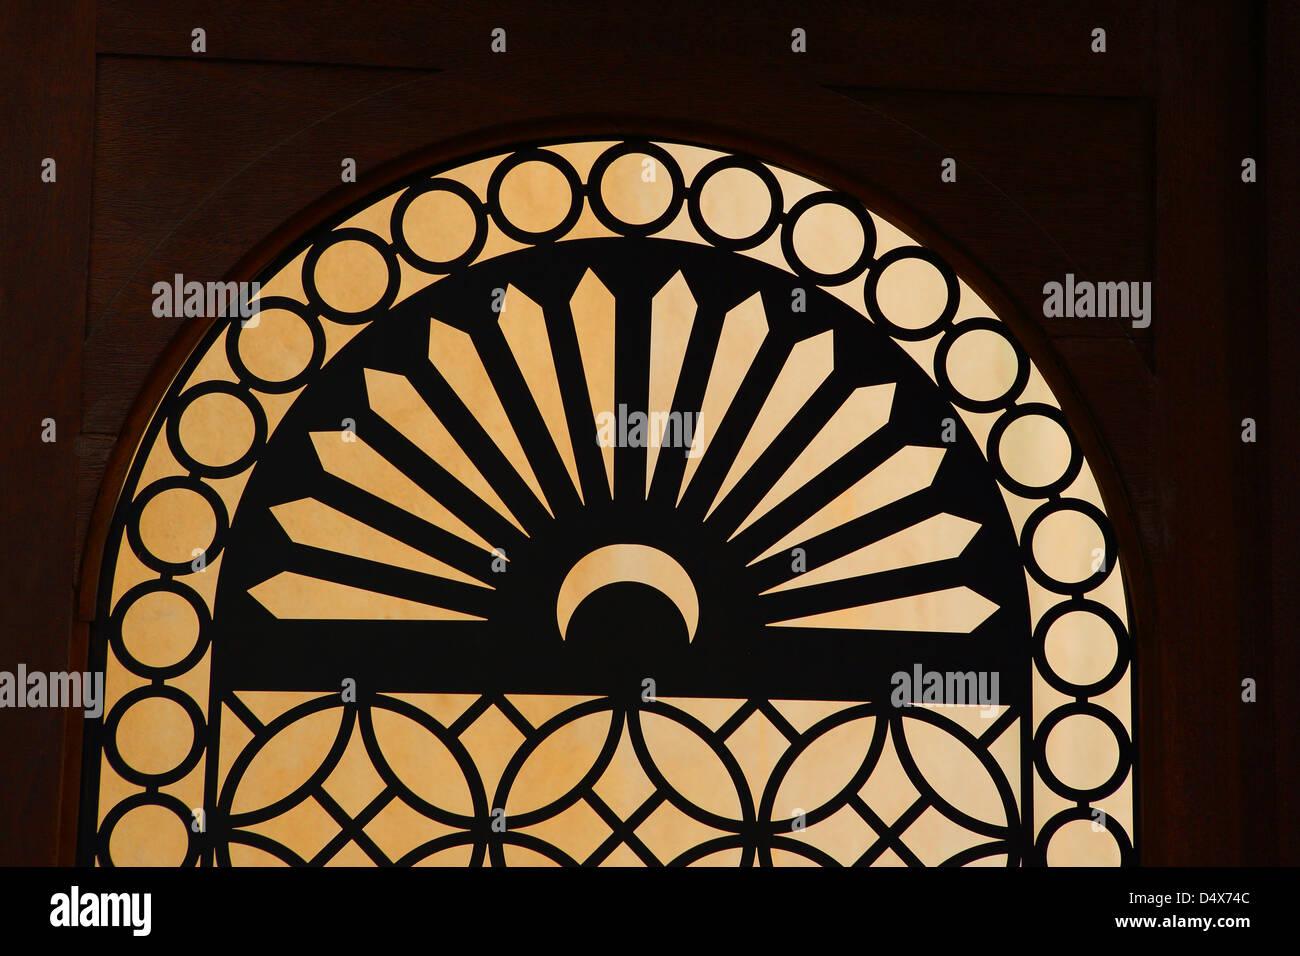 Detalle arquitectónico en el mercado de Dubai, Emiratos Árabes Unidos. Imagen De Stock